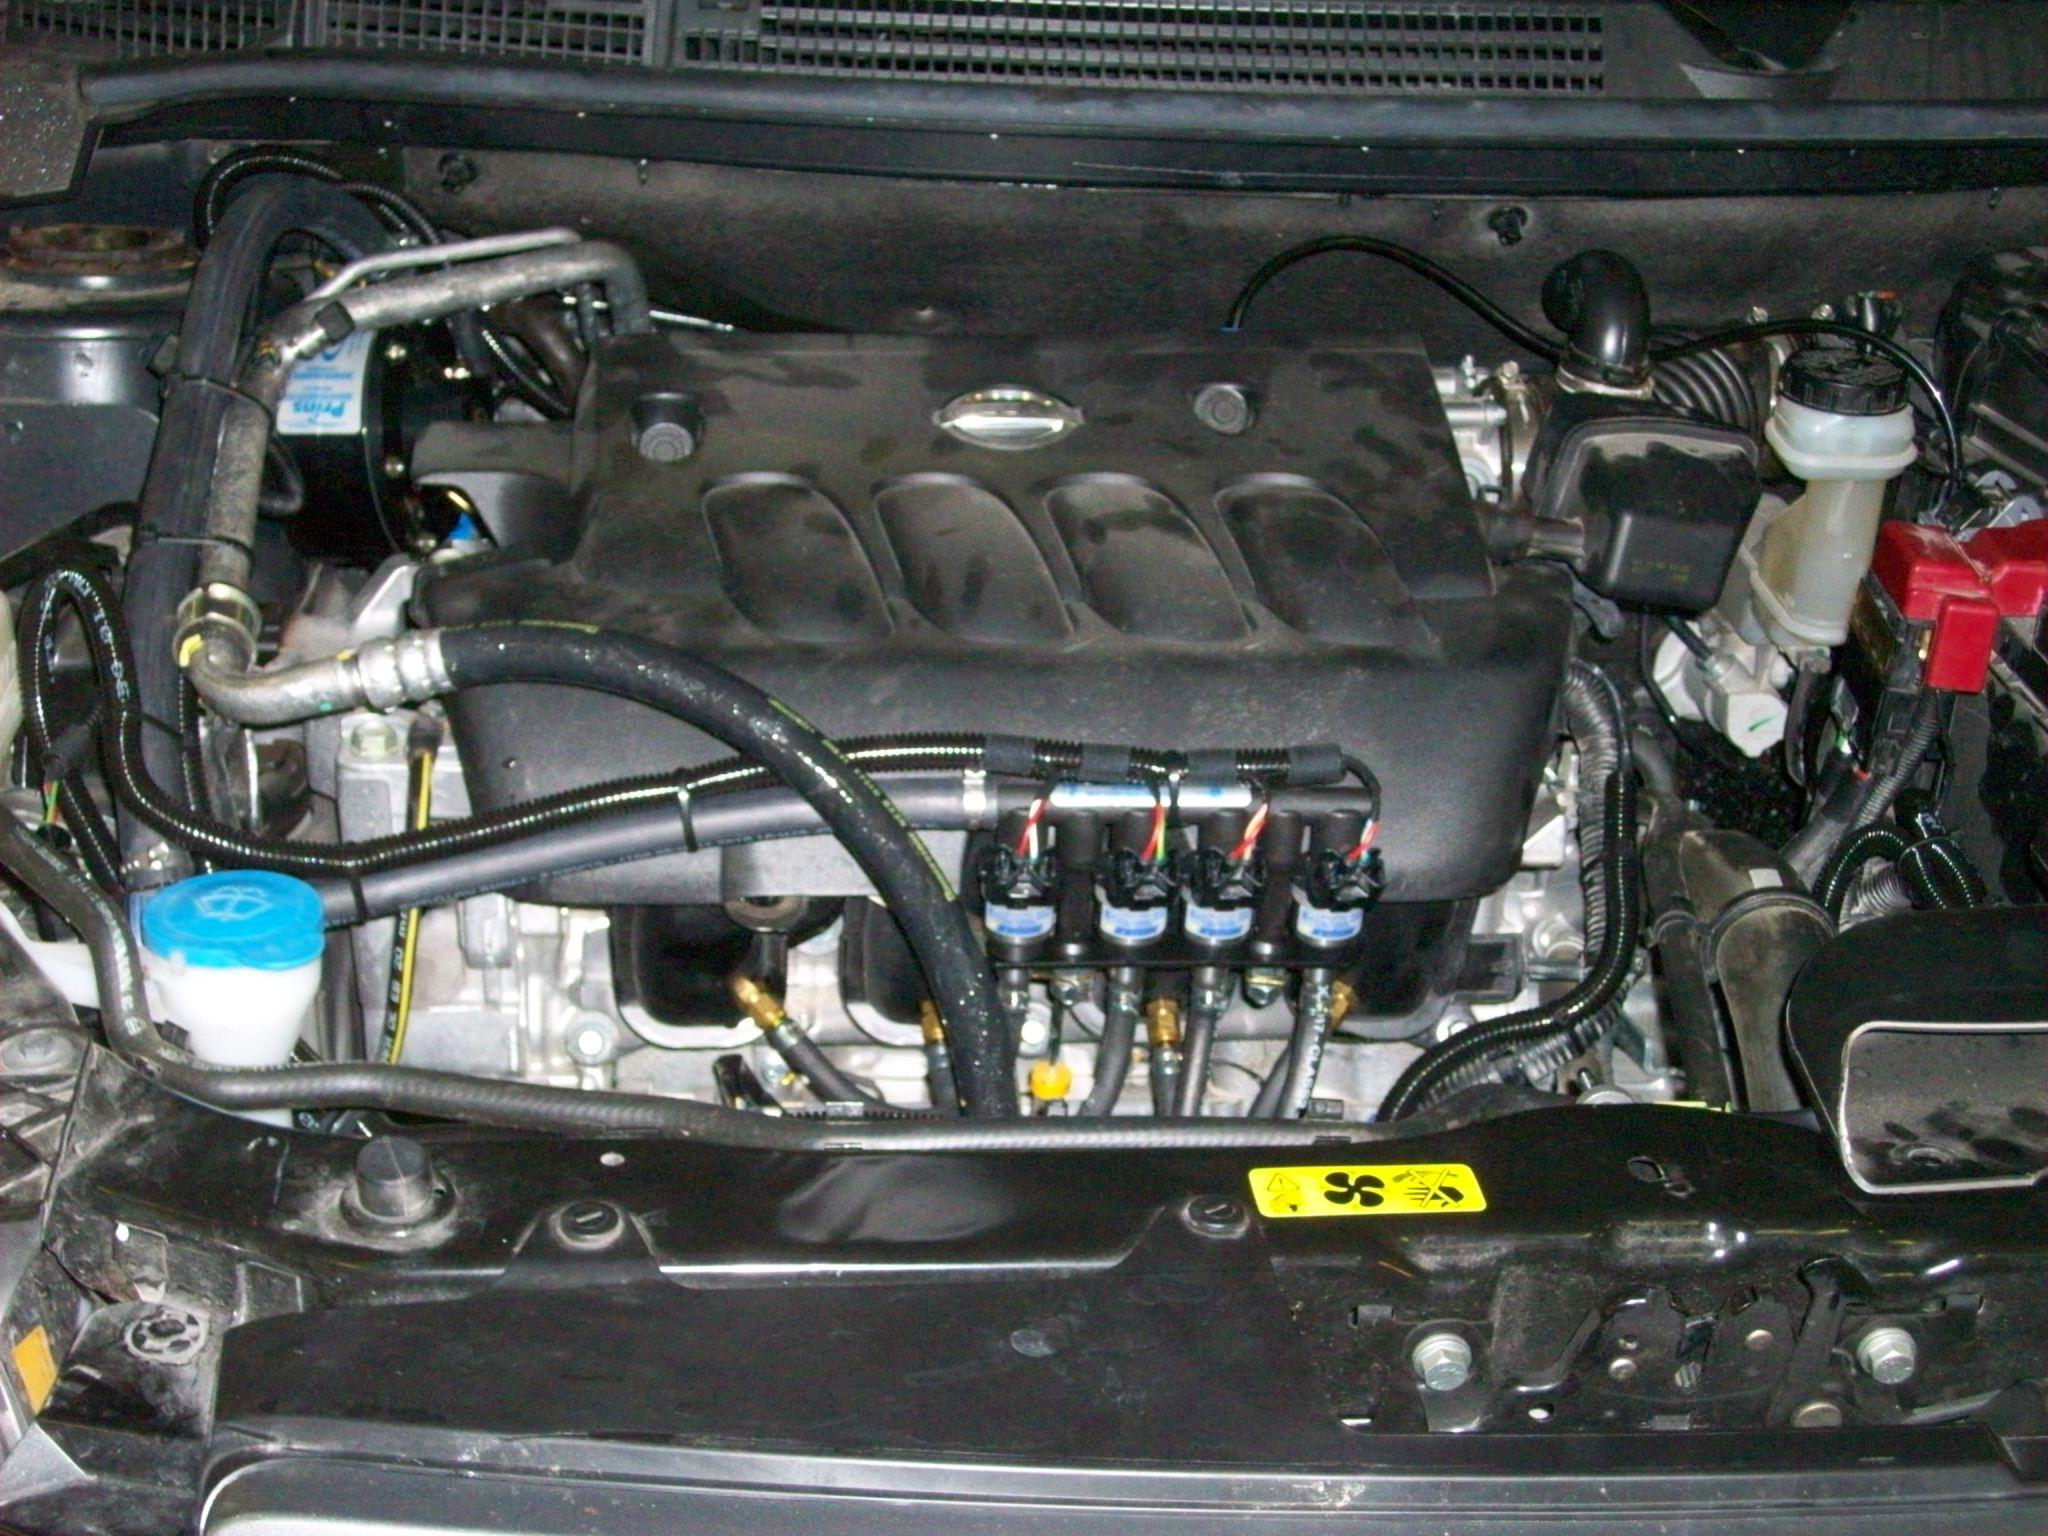 Schema Elettrico Nissan Qashqai : Schema motore nissan qashqai fare di una mosca